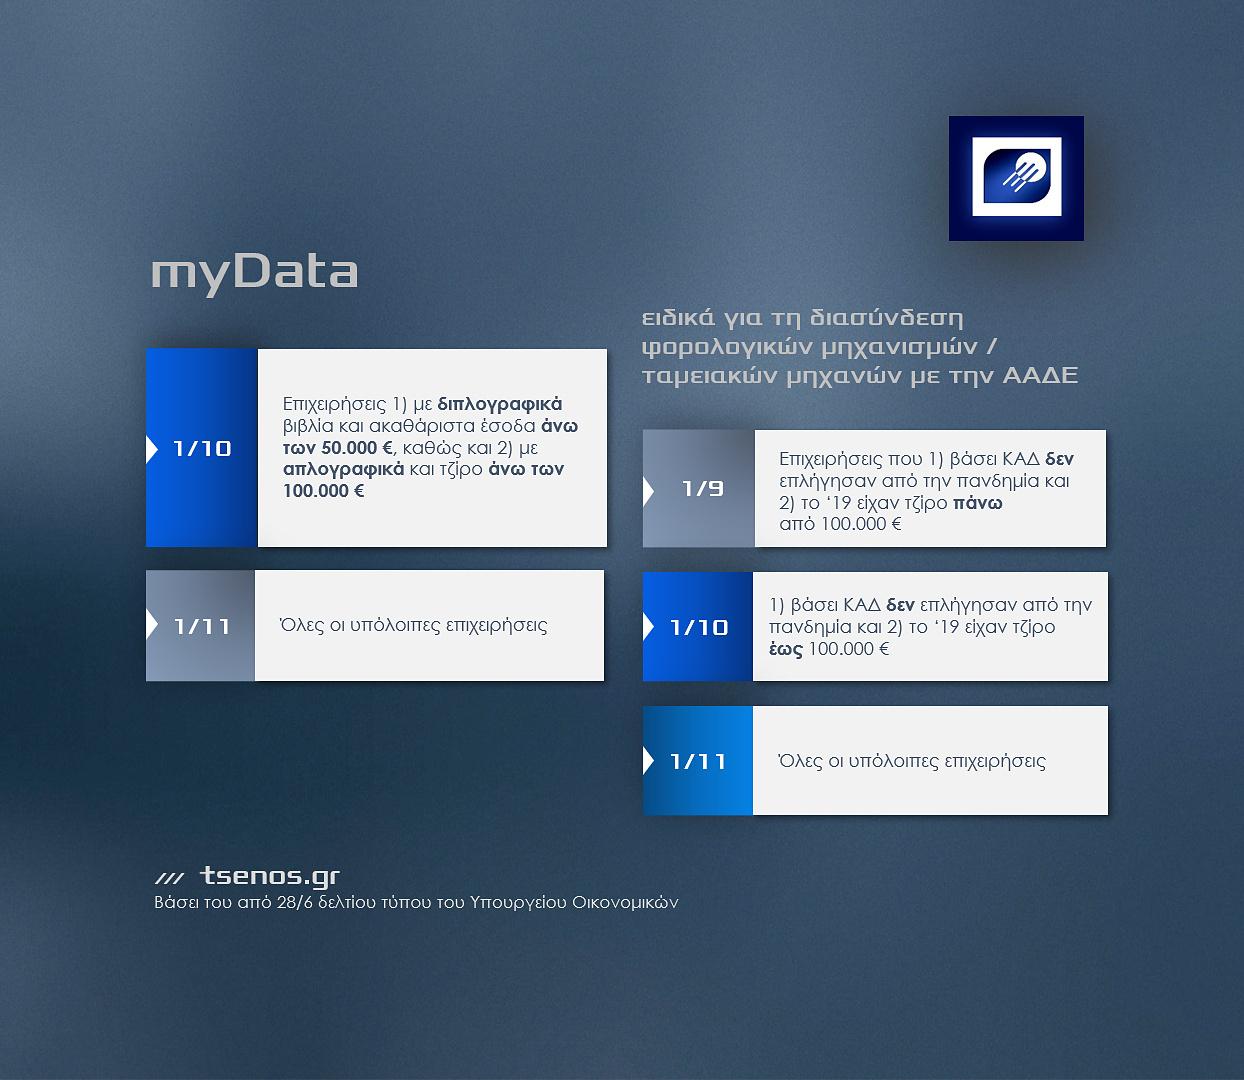 Το νέο χρονοδιάγραμμα της ΑΑΔΕ για την υποχρεωτική εκκίνηση του myData